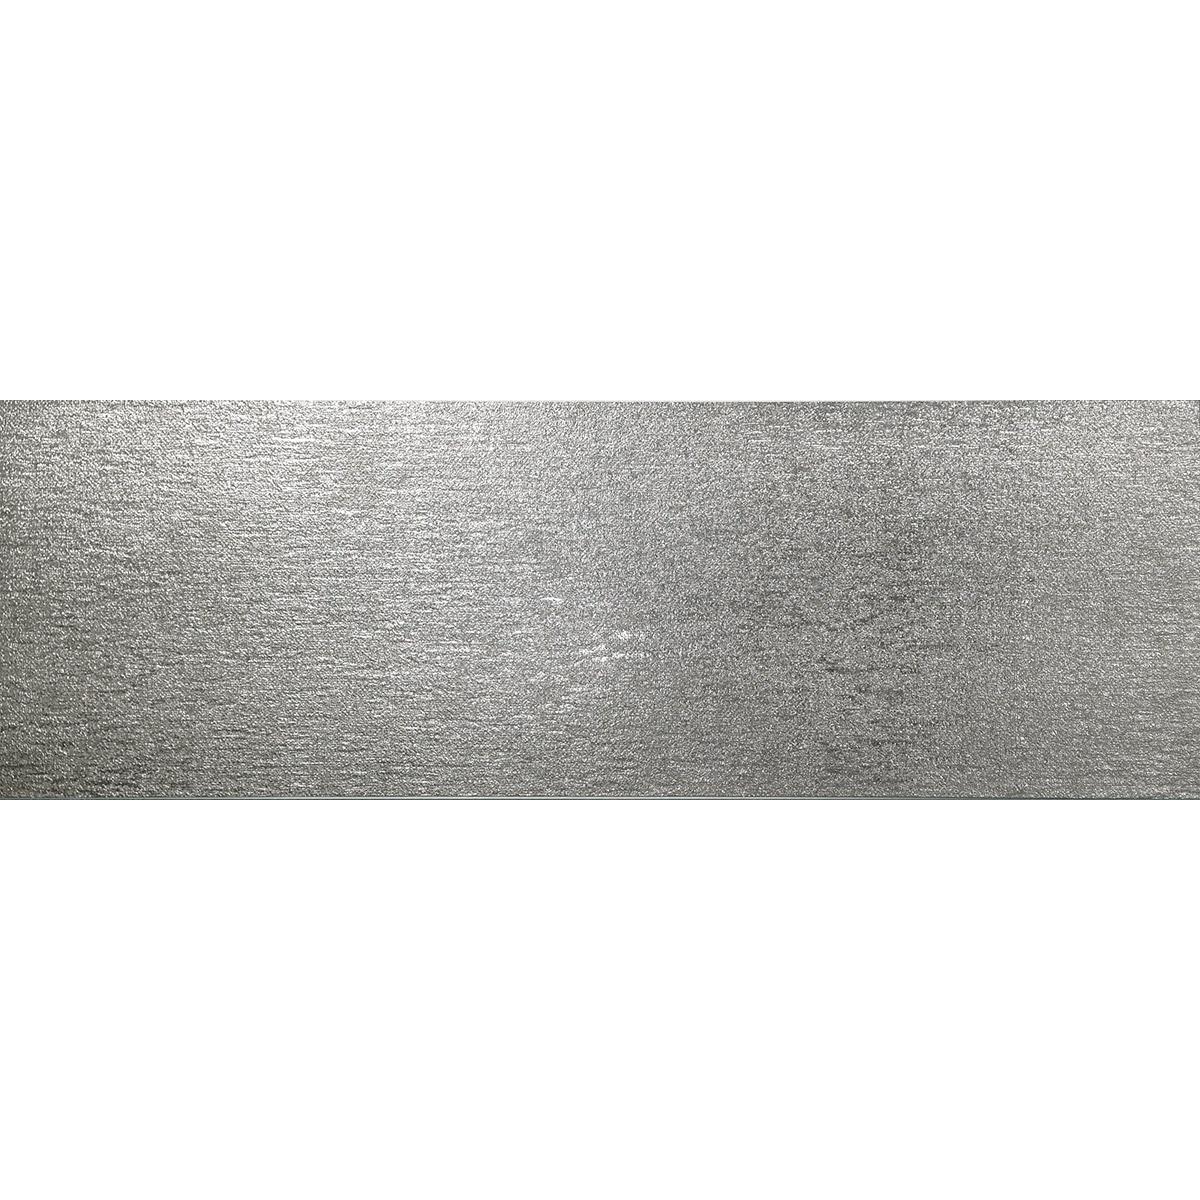 benetton decor r90 silver p1